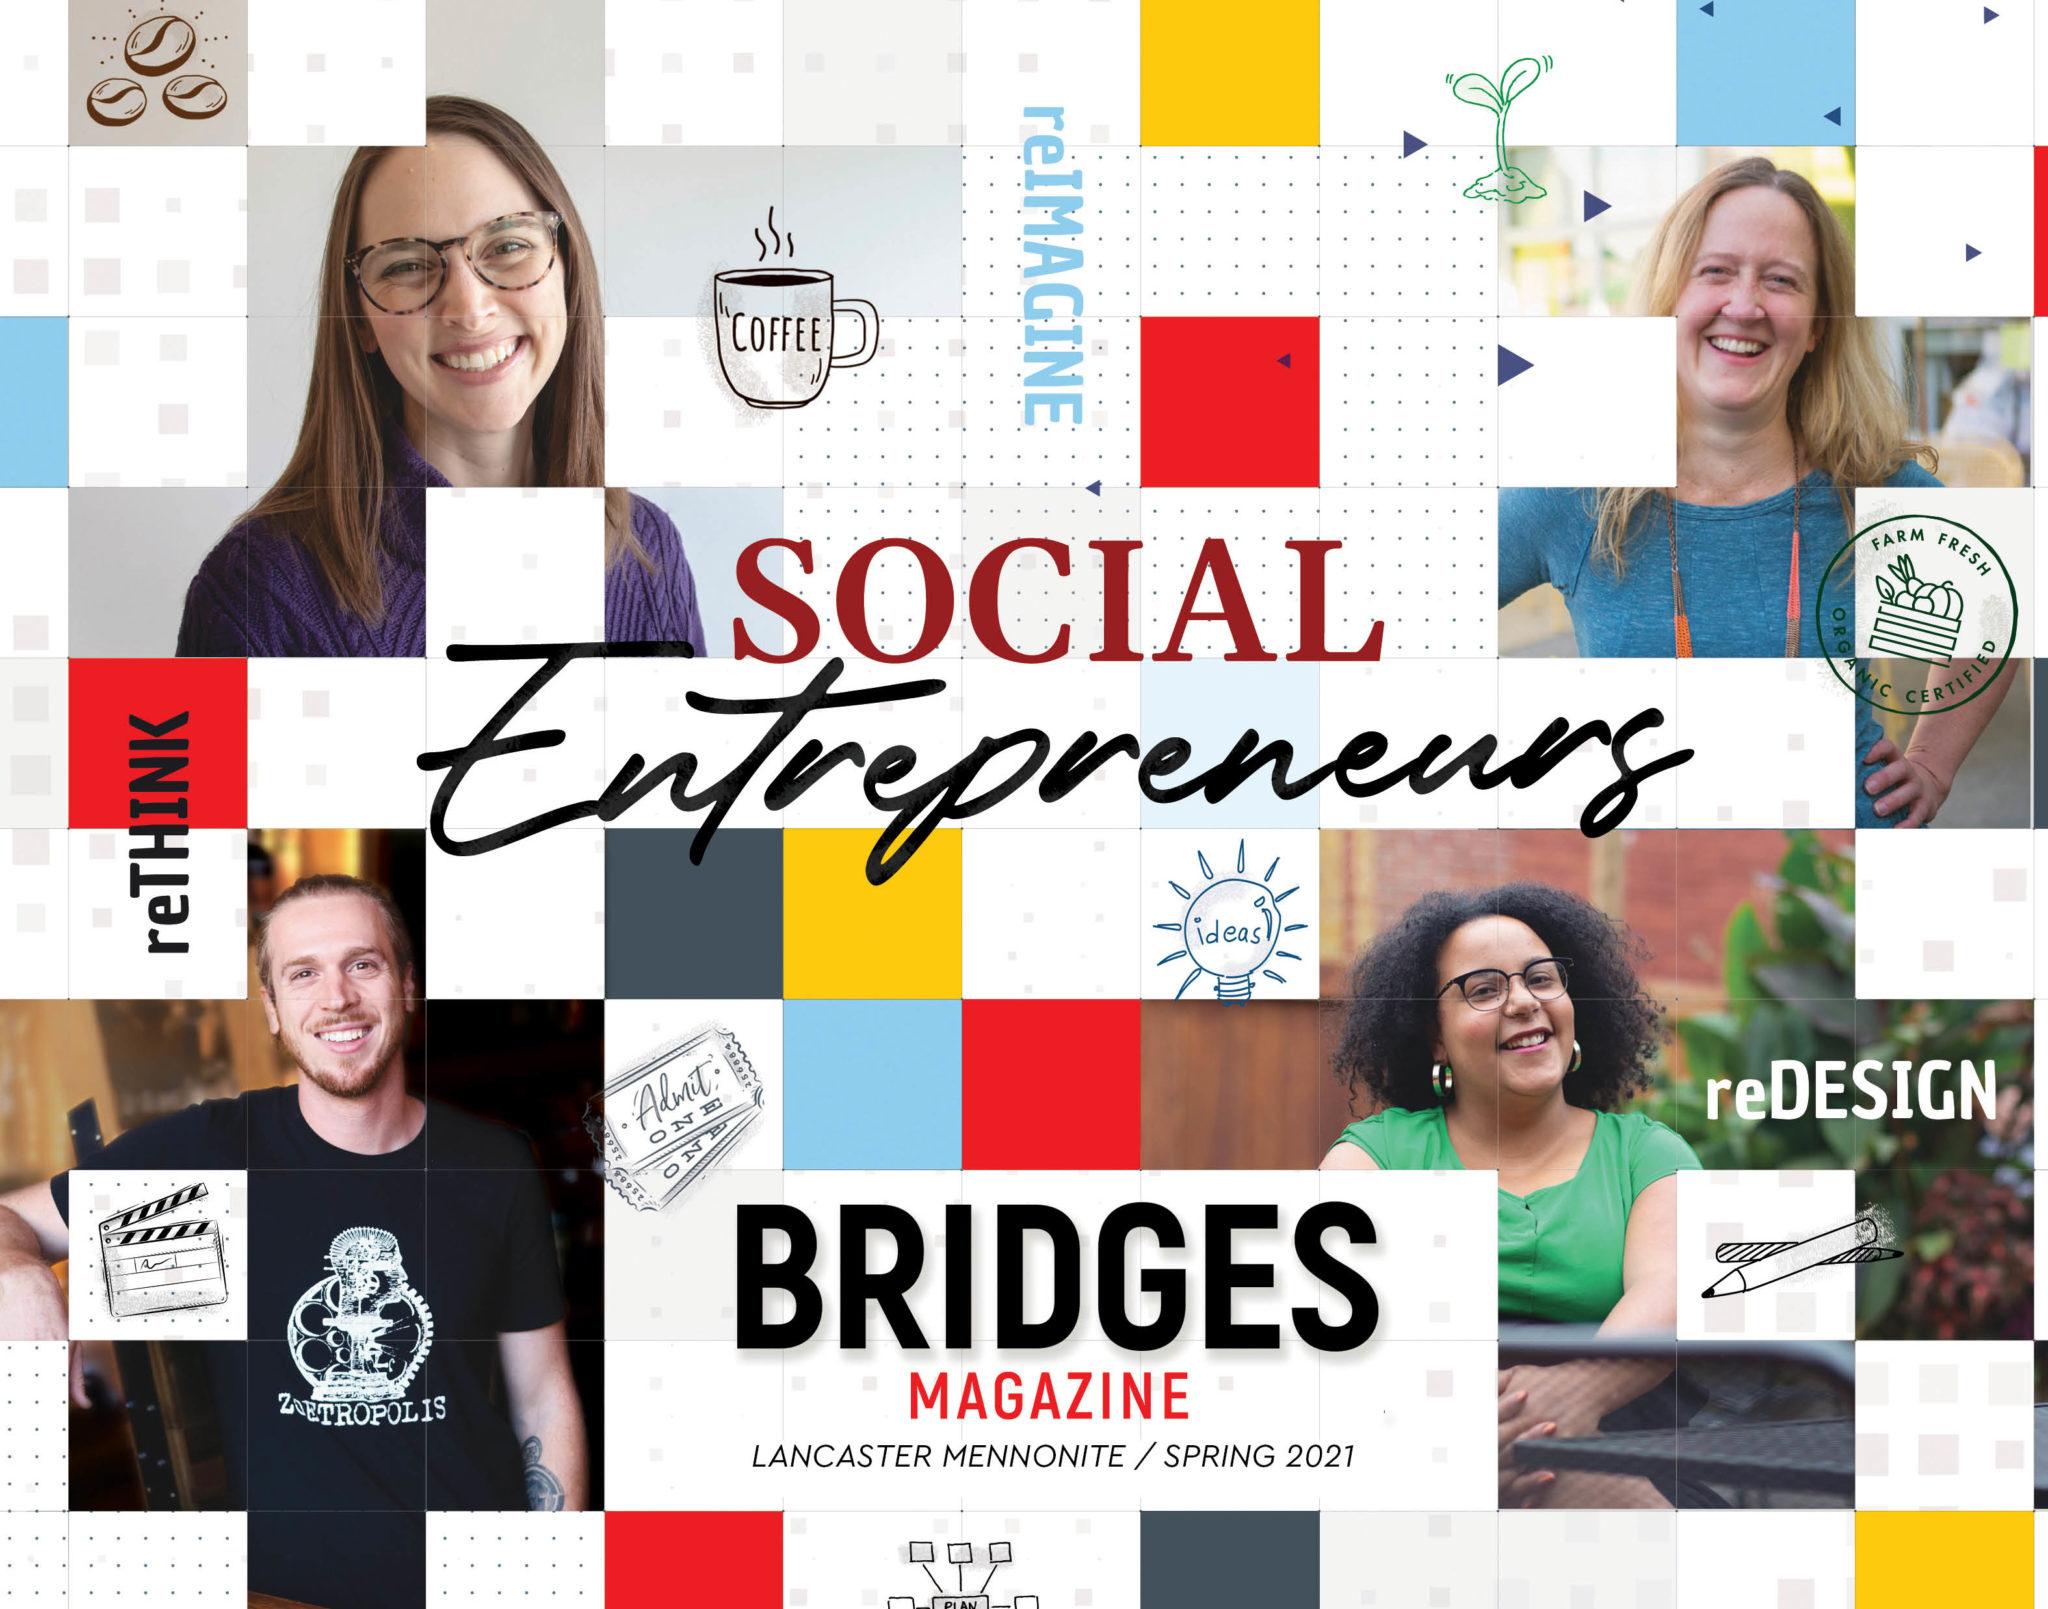 bridges magazine cover